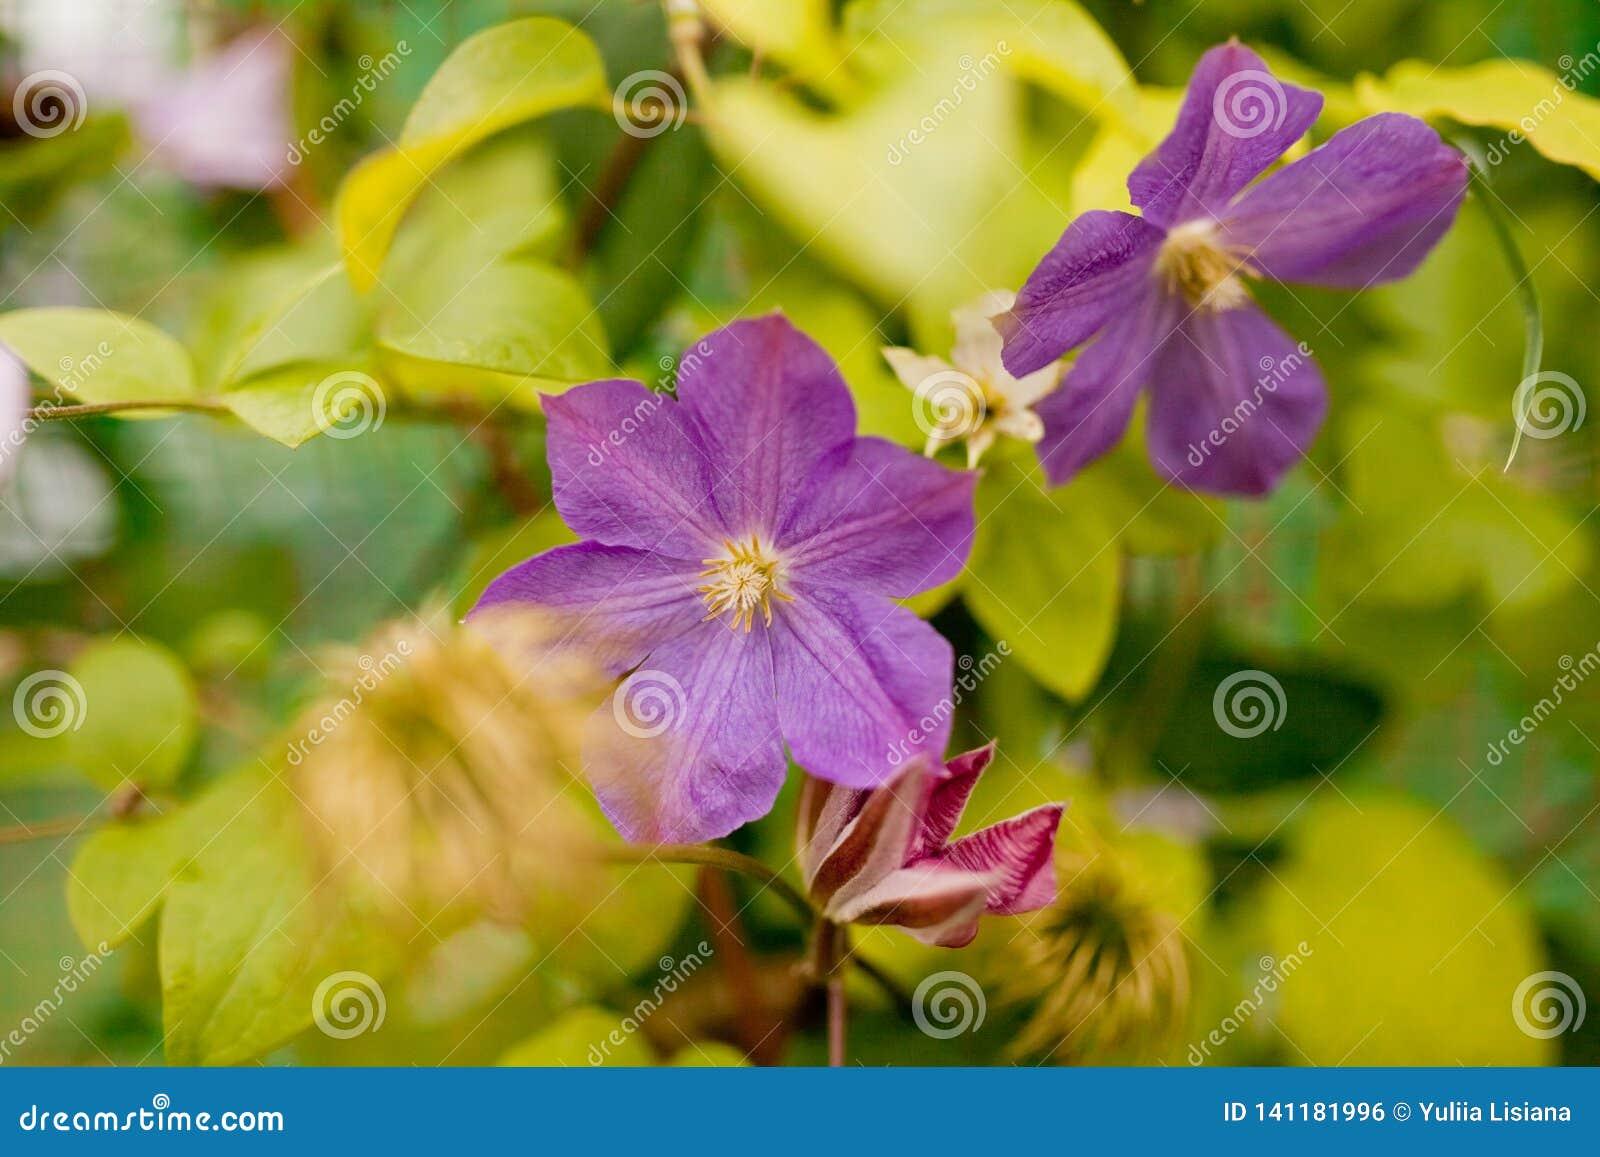 Groot-gebloeide Clematissen Mooie, grote purpere clematissenbloem in de tuin